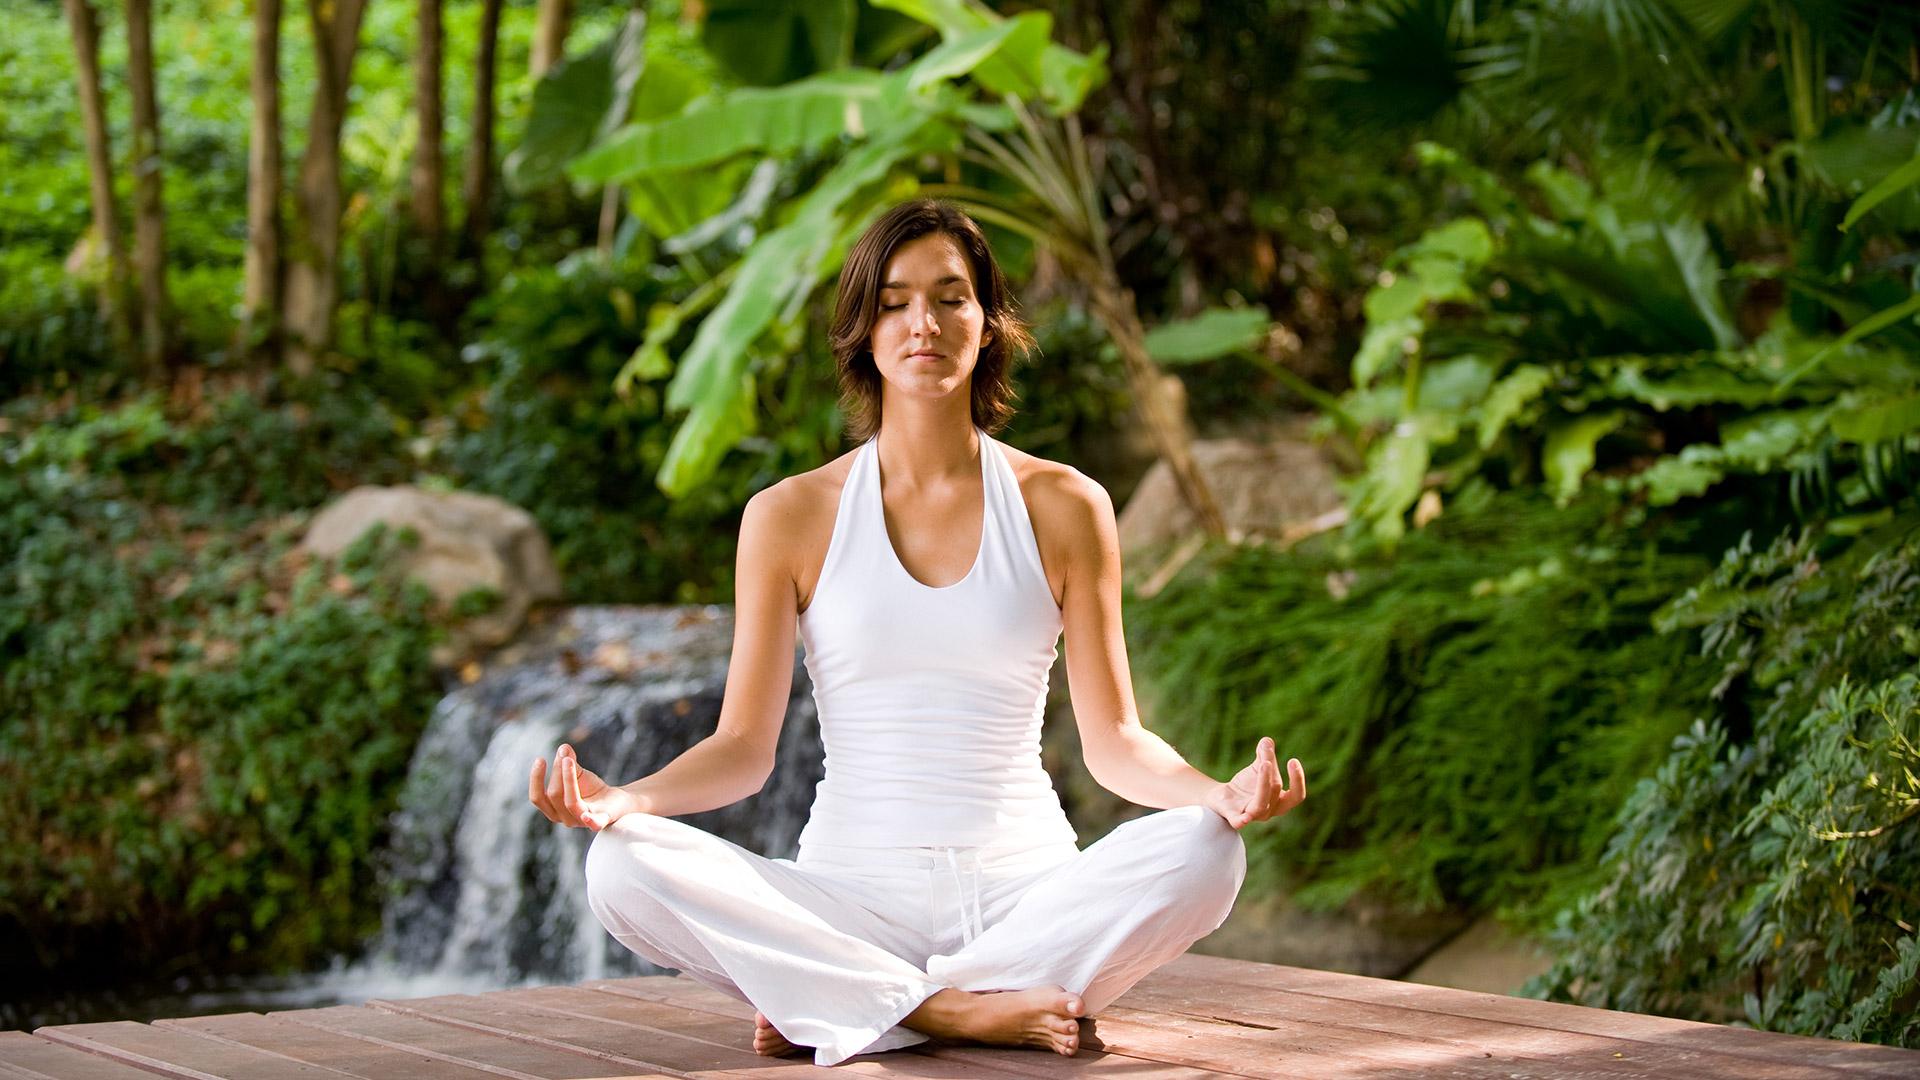 Ikuti Tips Ini Supaya Bisa Mengatur Nafas Dengan Baik Saat Workout